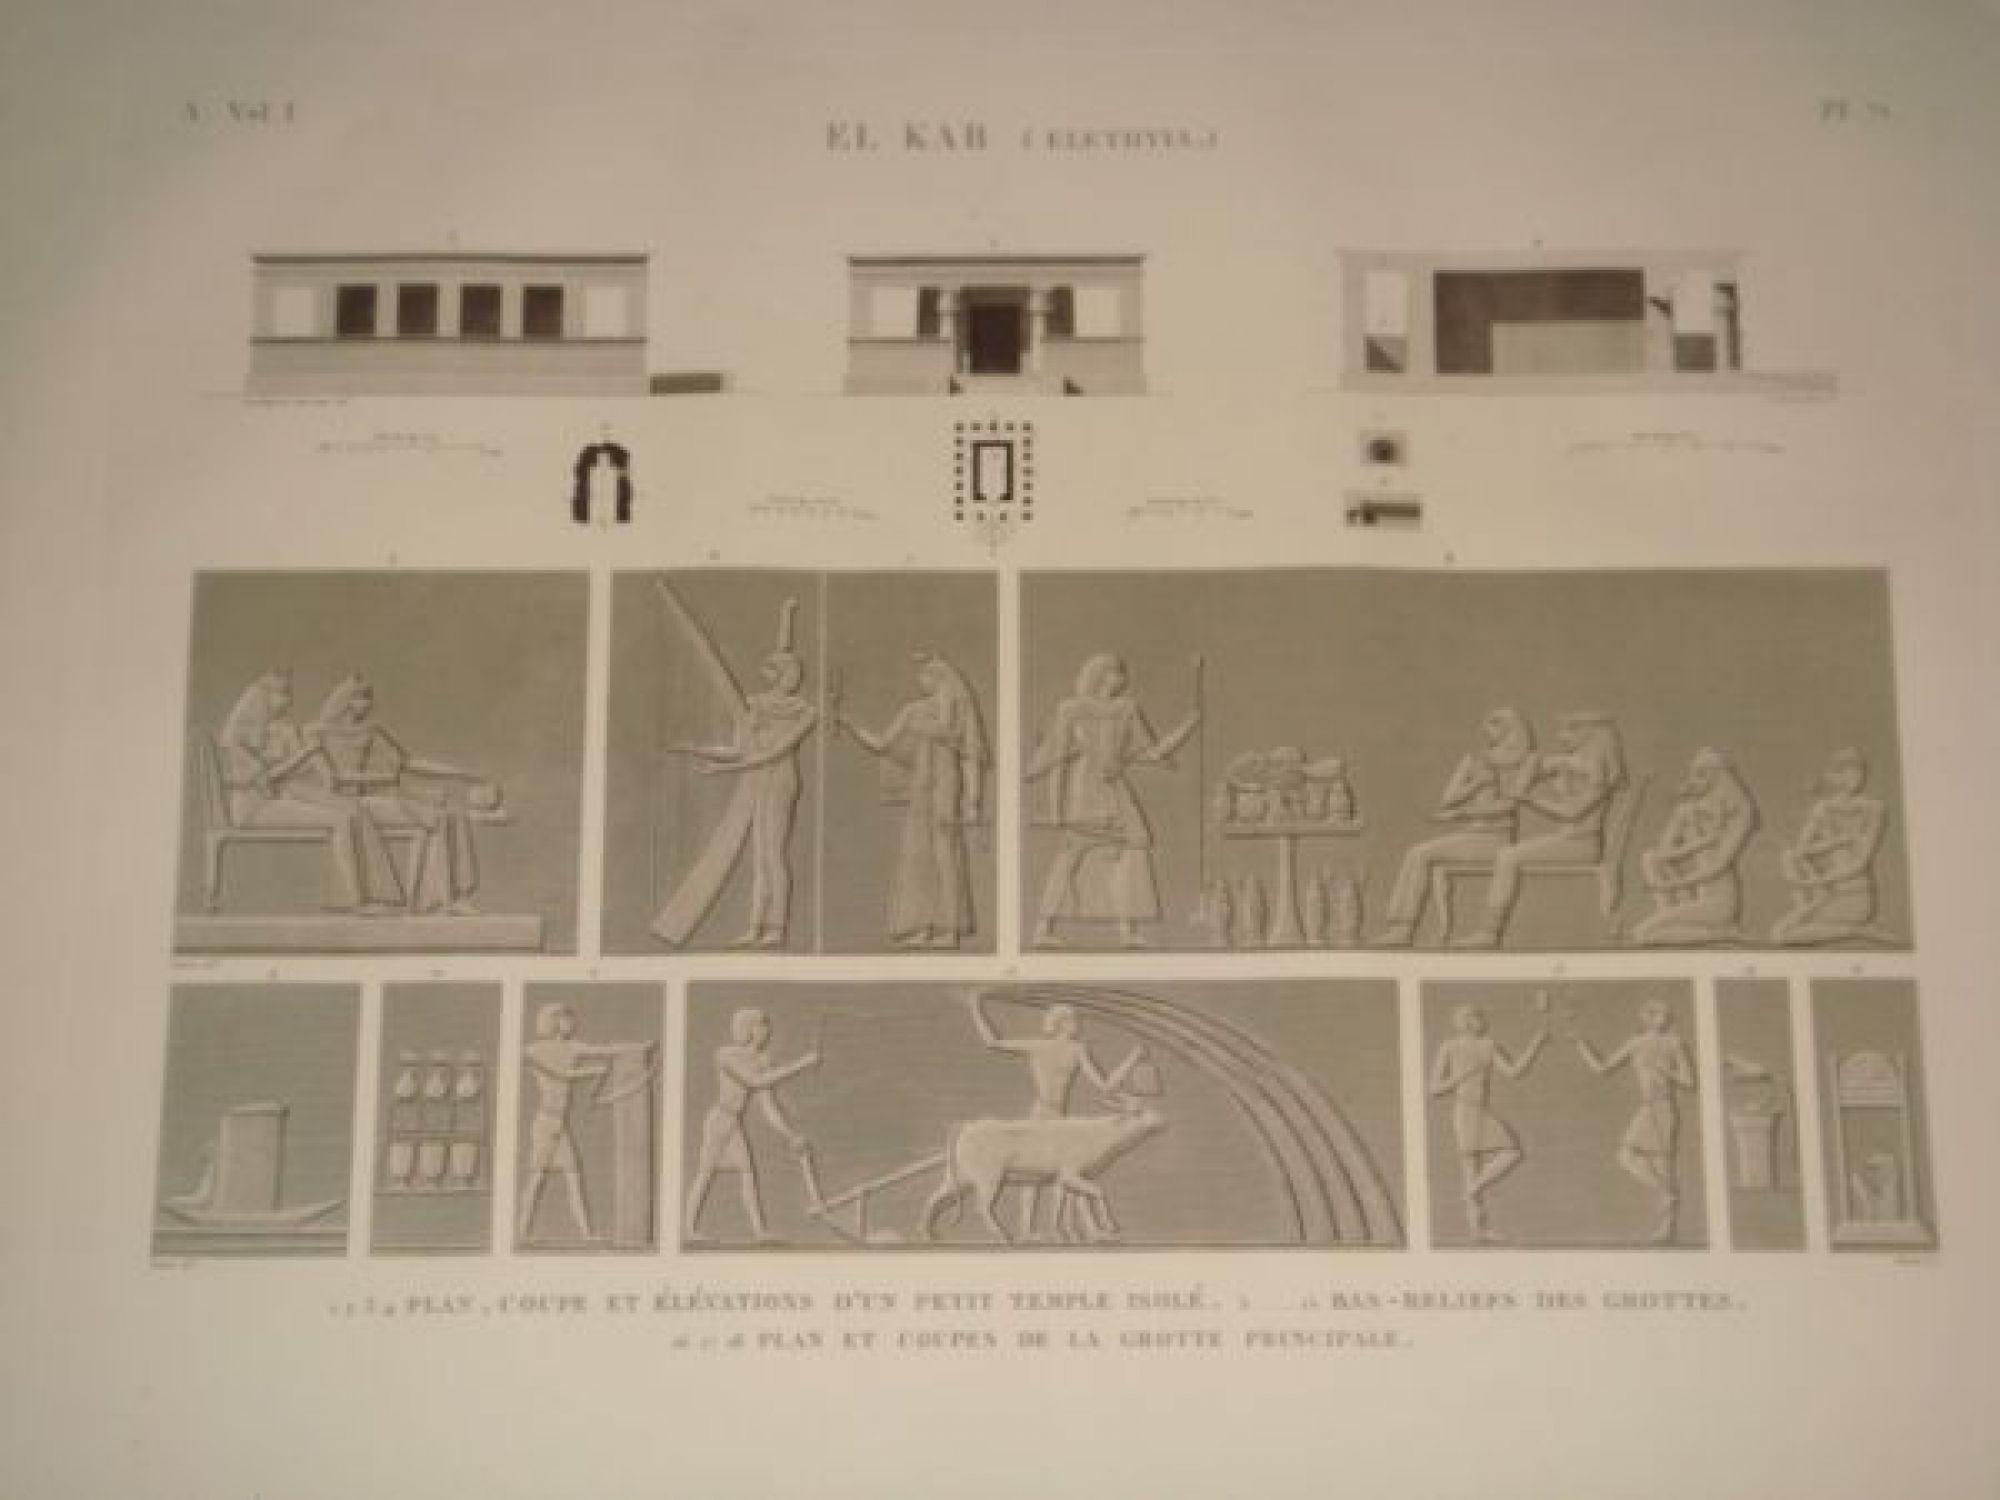 Elevation D Un Plan : Description de l egypte el kab elethyia plan coupe et